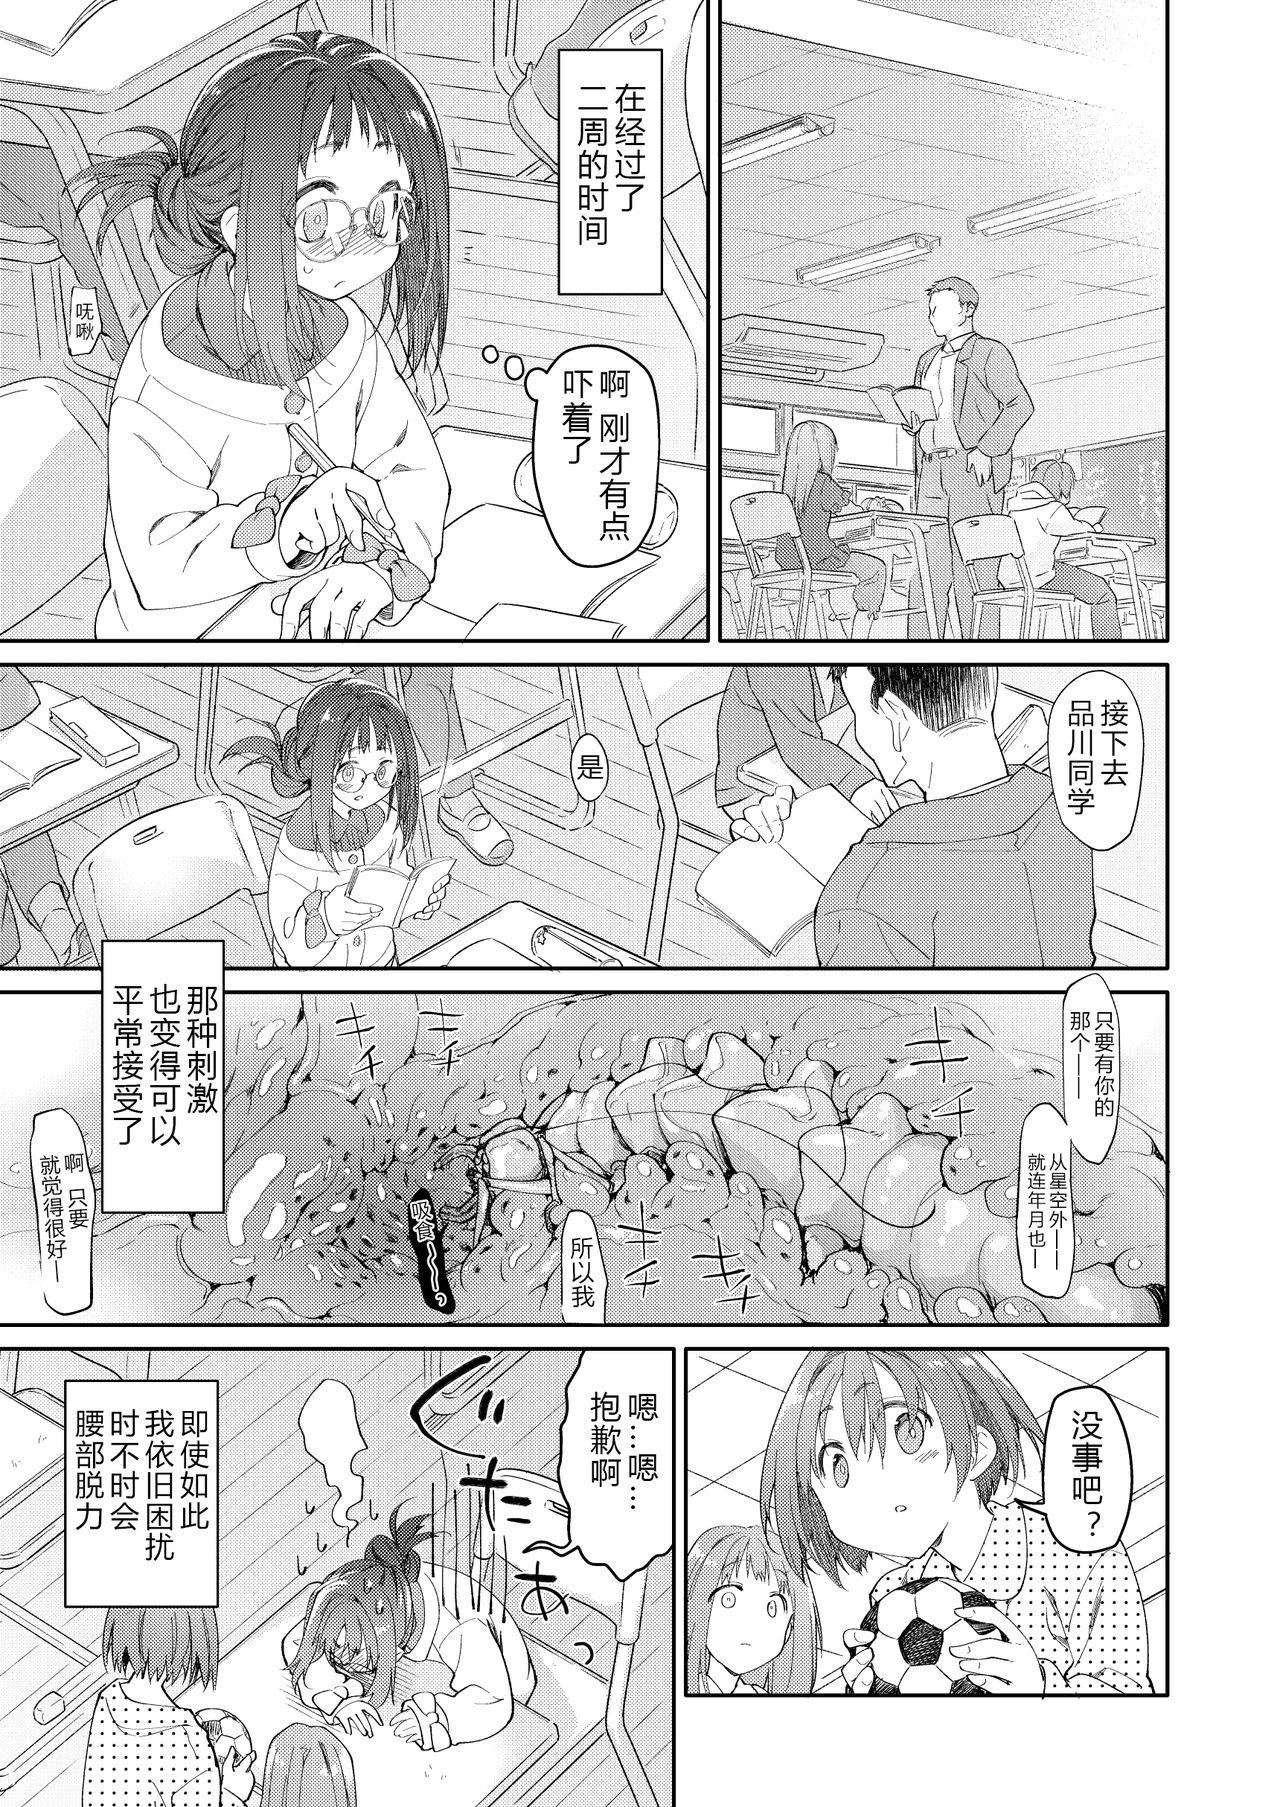 Skirt to Kiseichuu 11